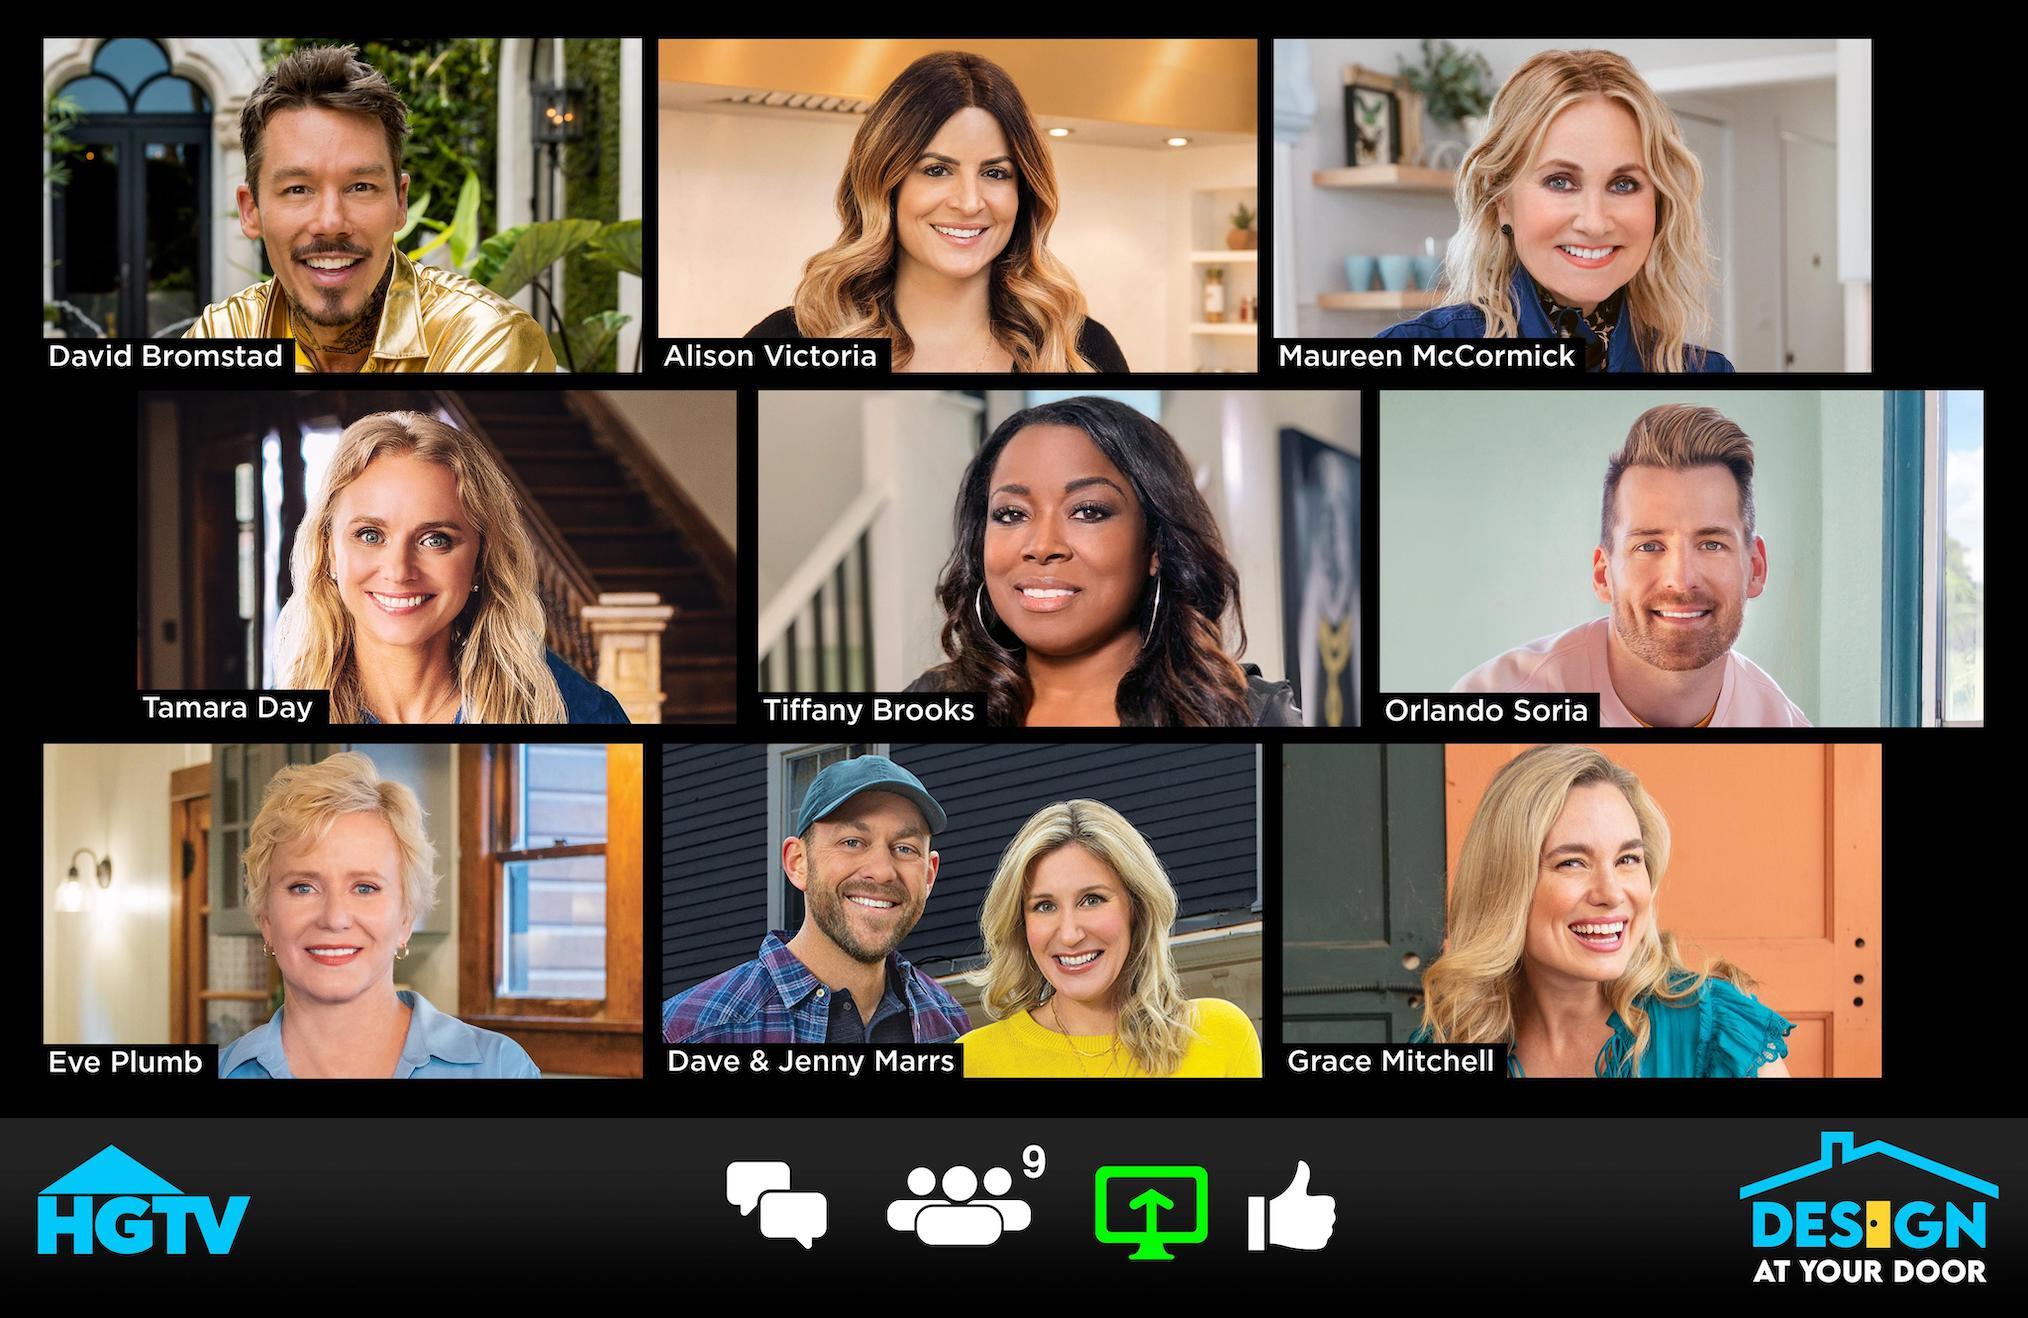 HGTV Design at Your Door Experts